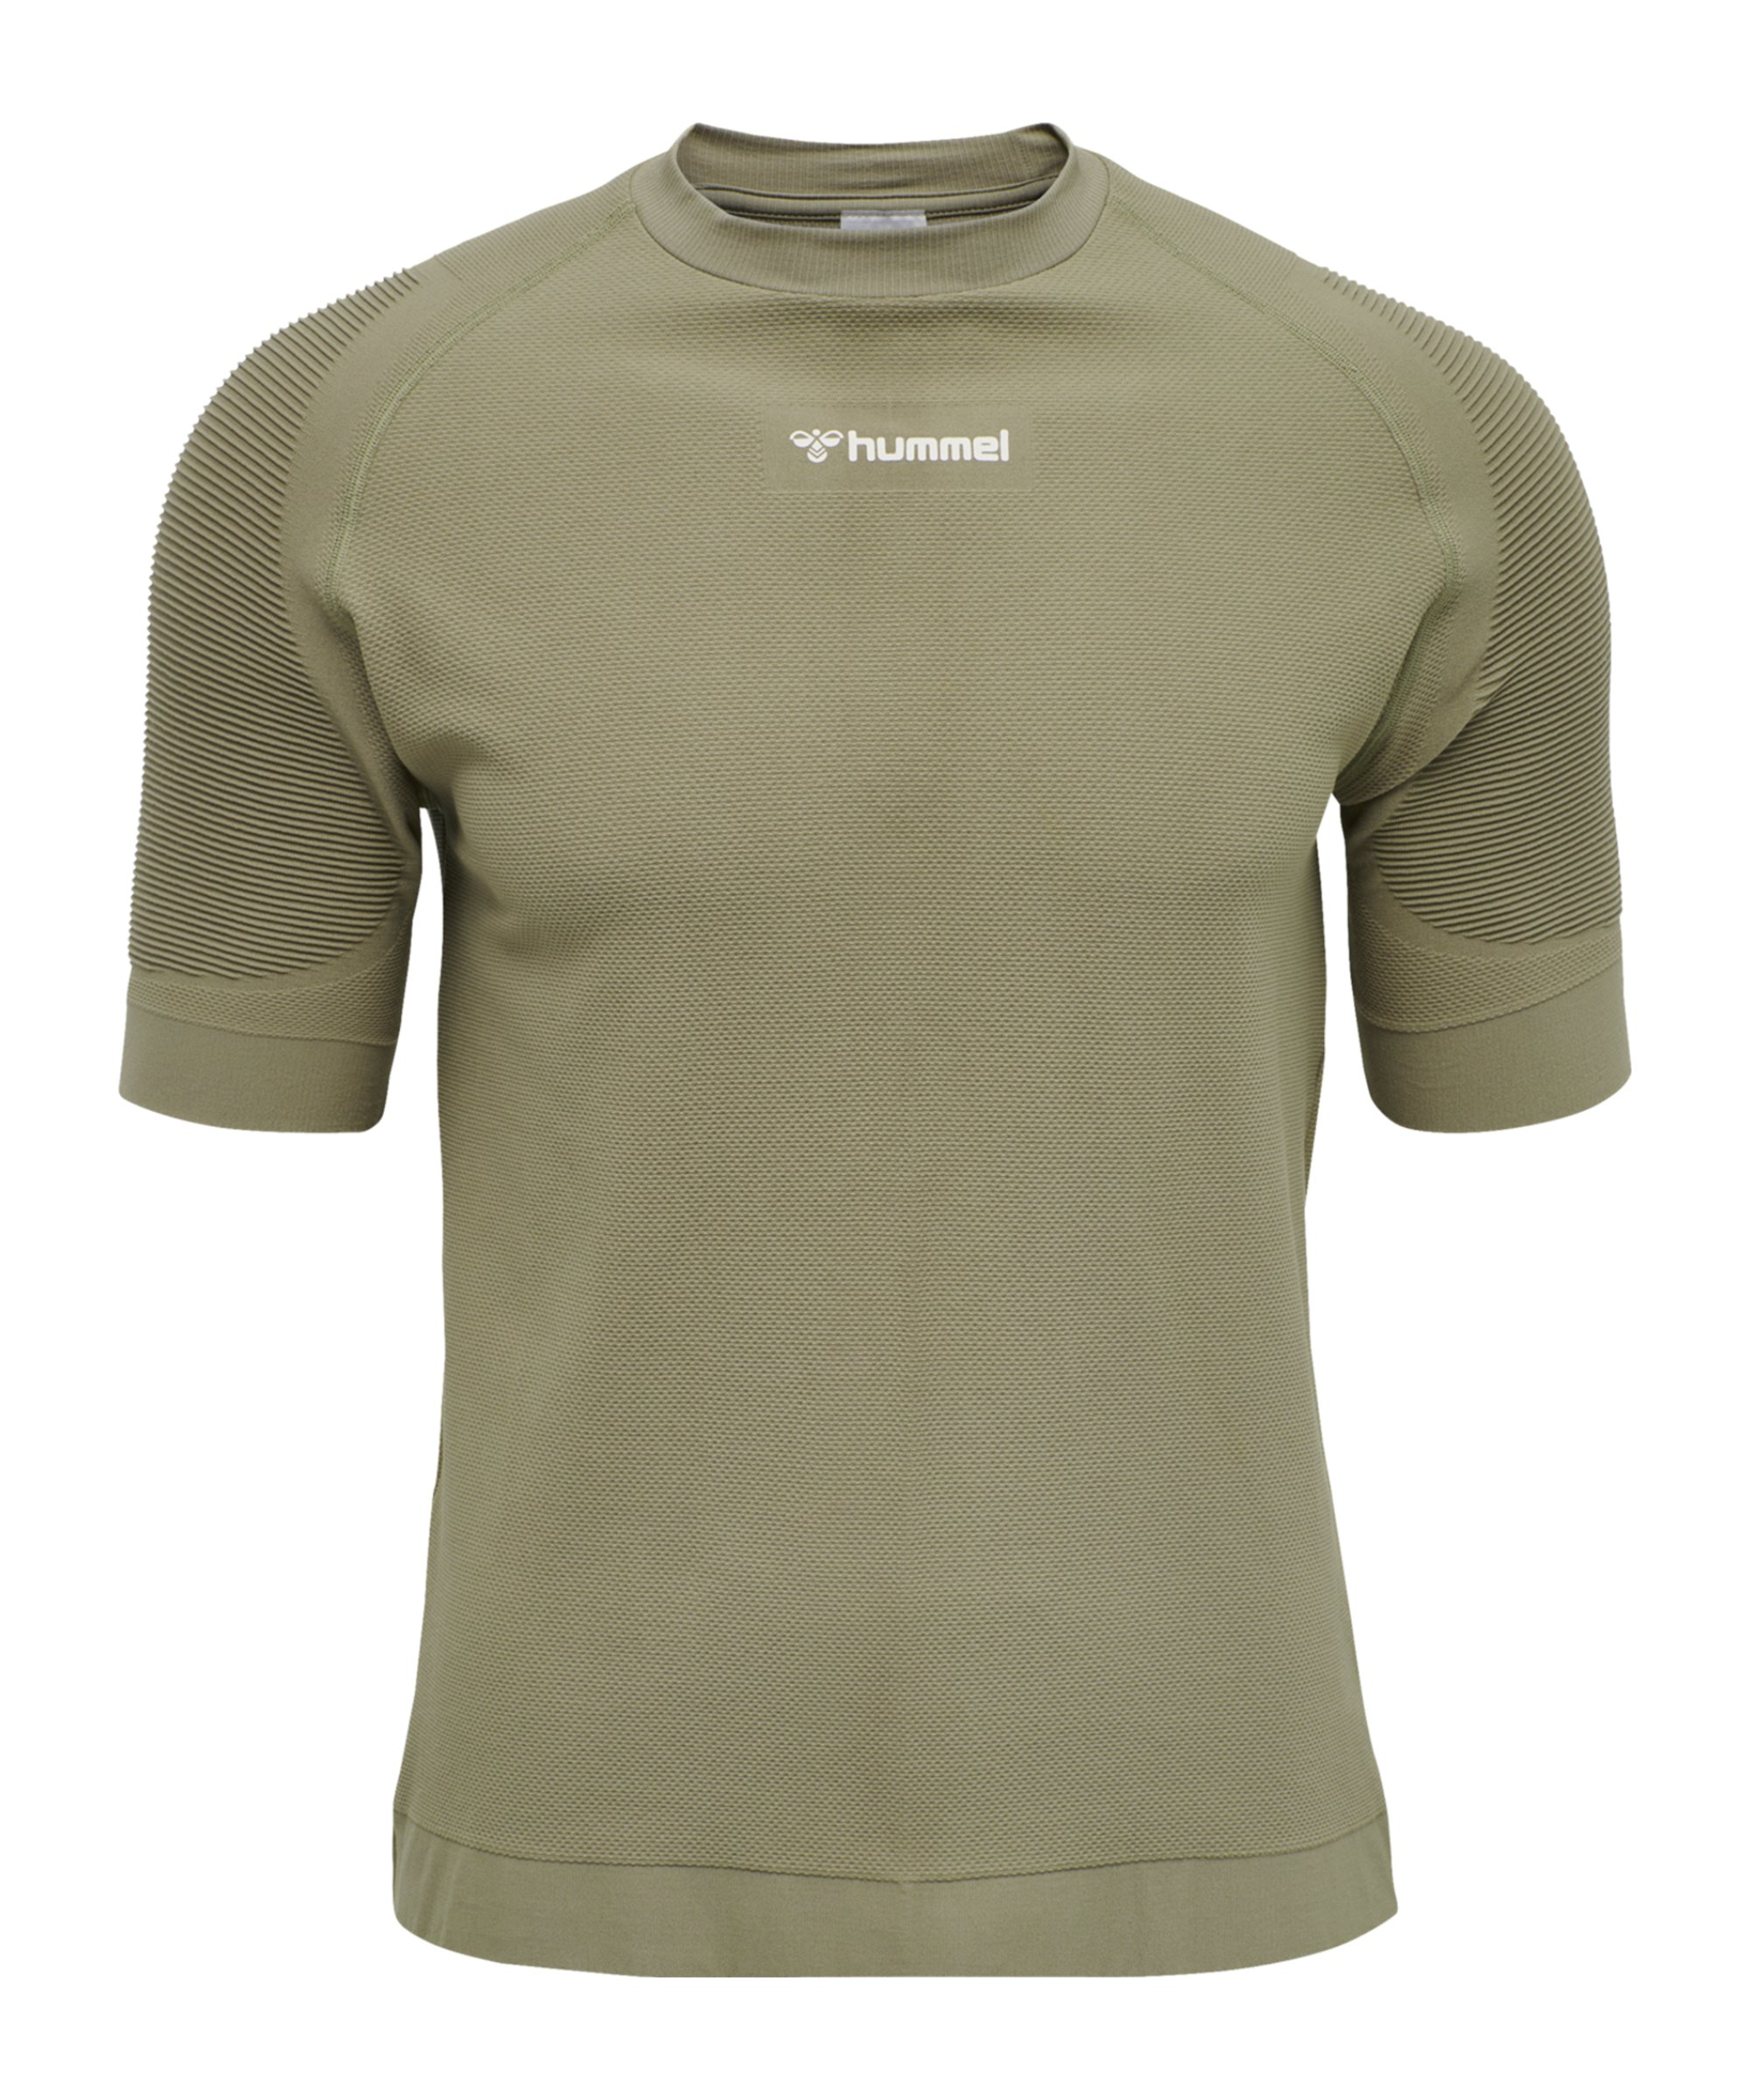 Hummel Cube Seamless T-Shirt Grün F8062 - gruen